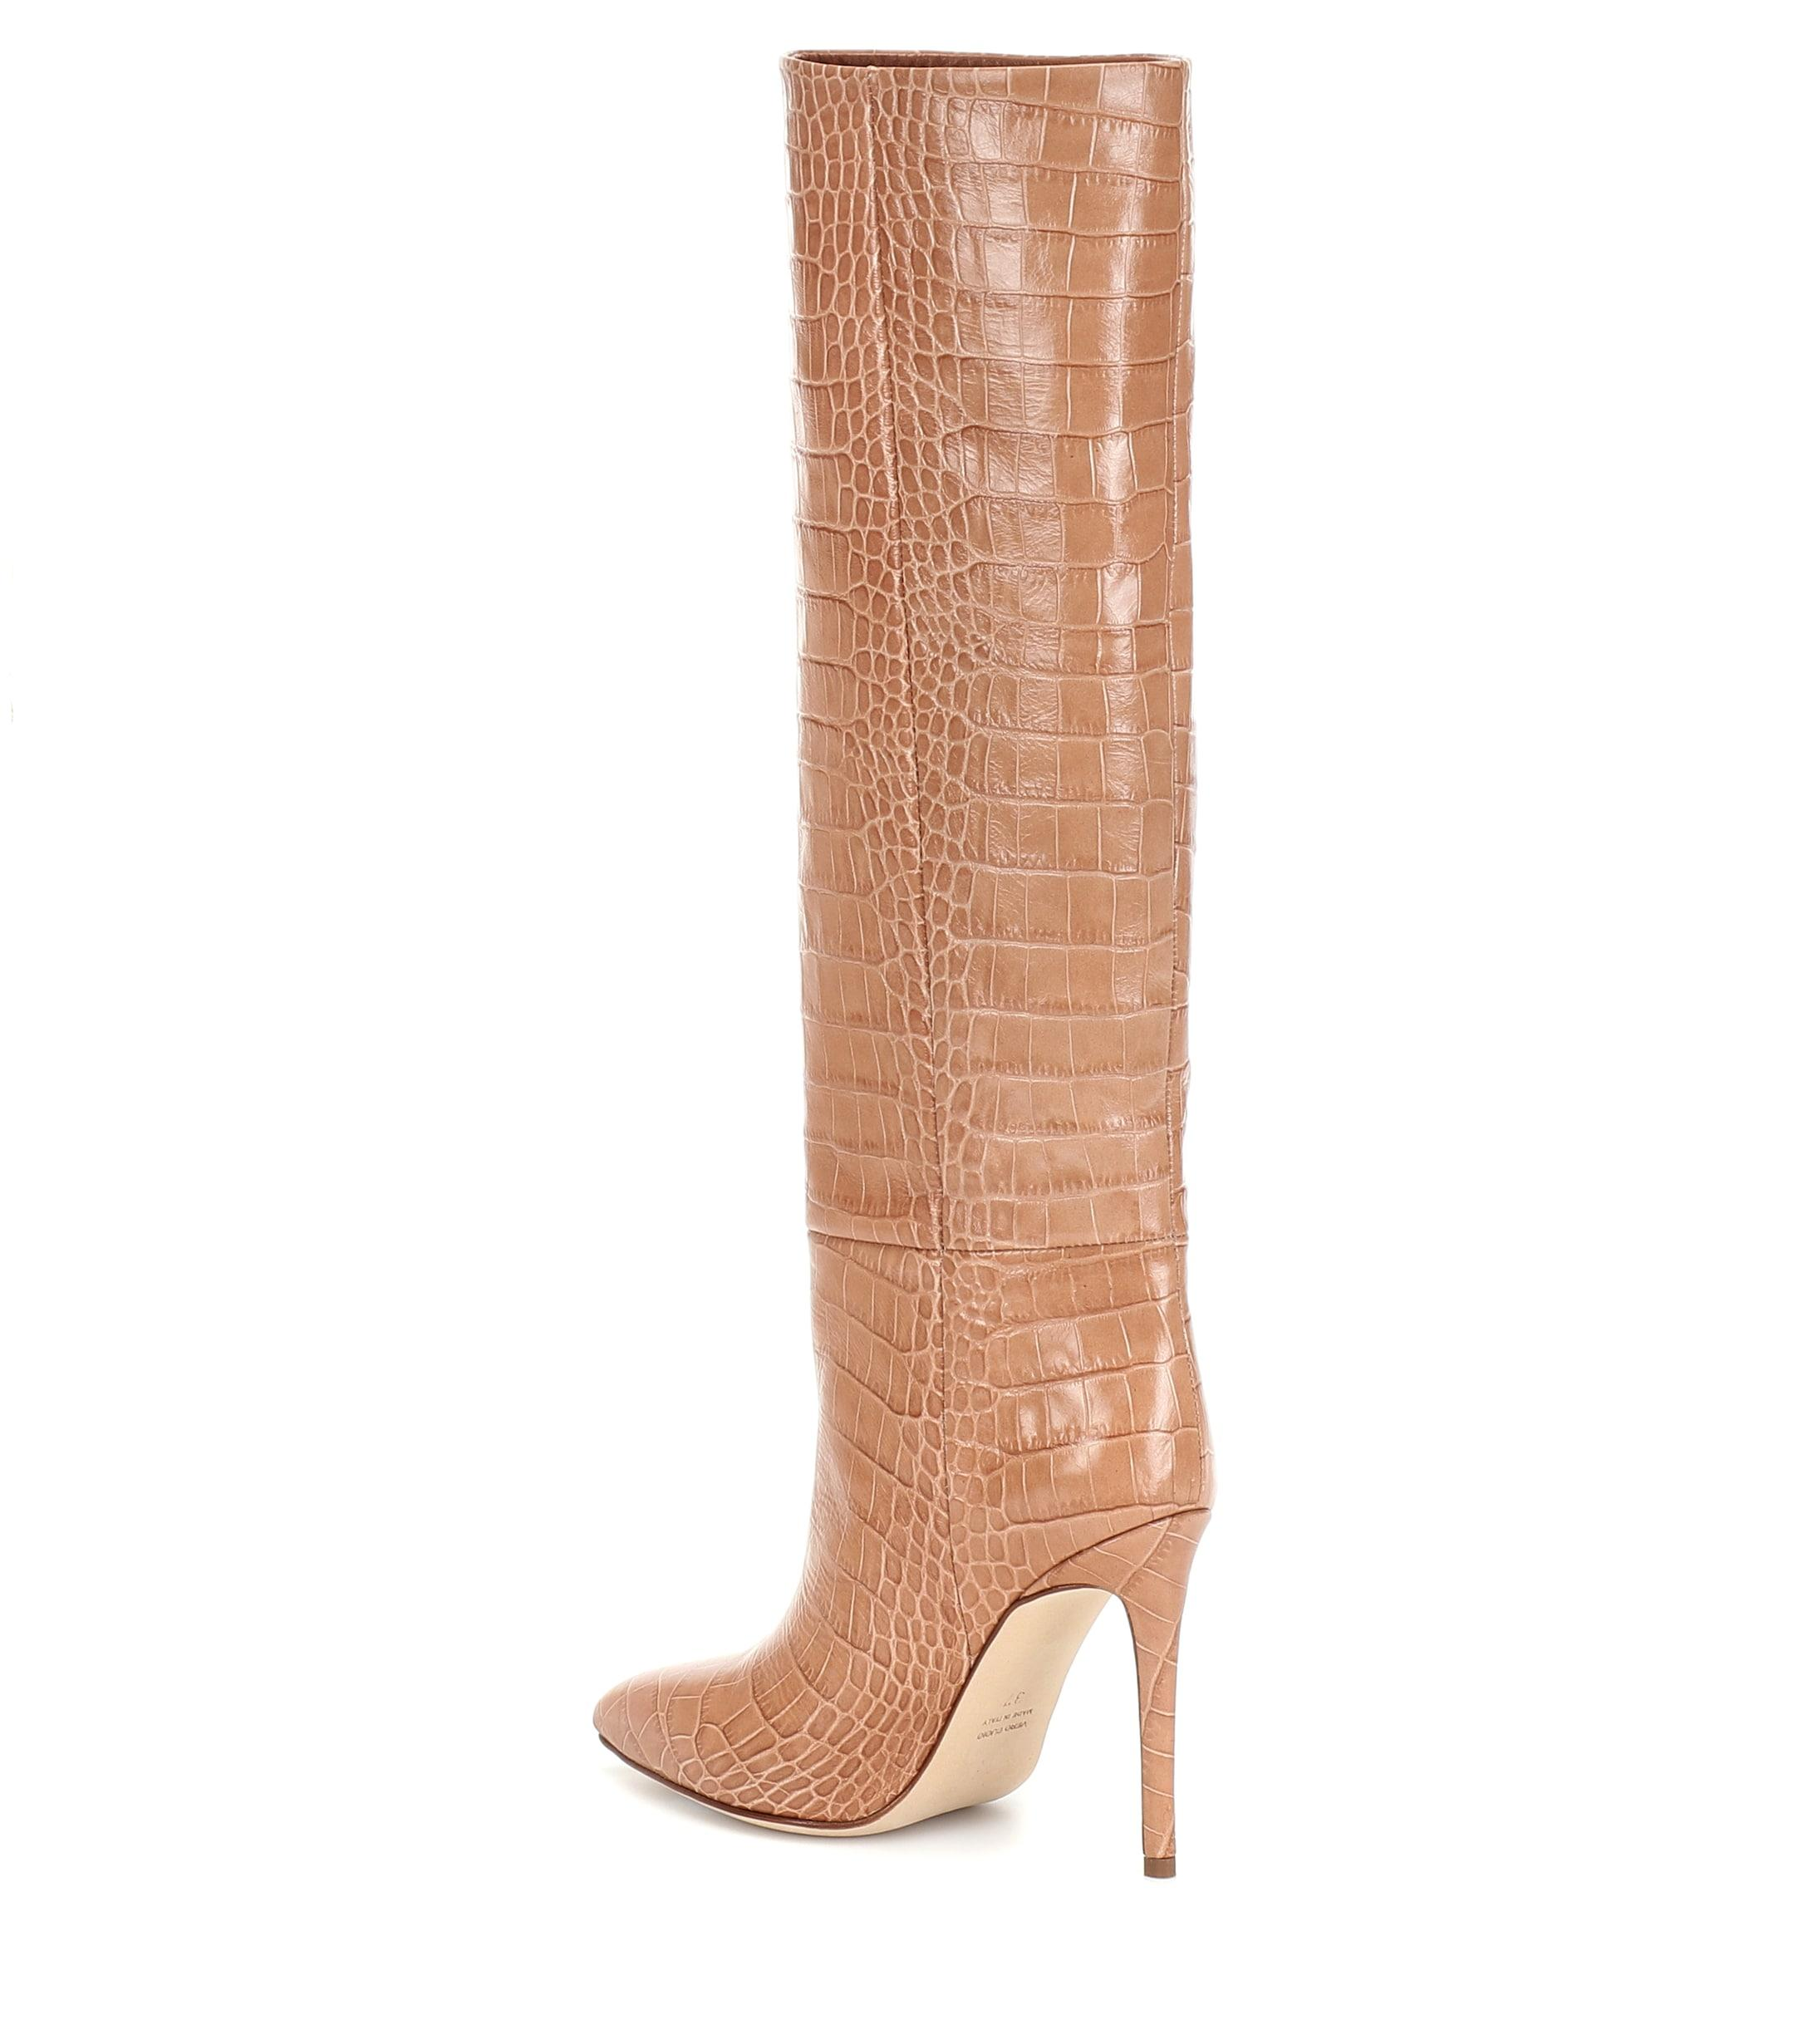 Botas de piel efecto coco Paris Texas de color Neutro